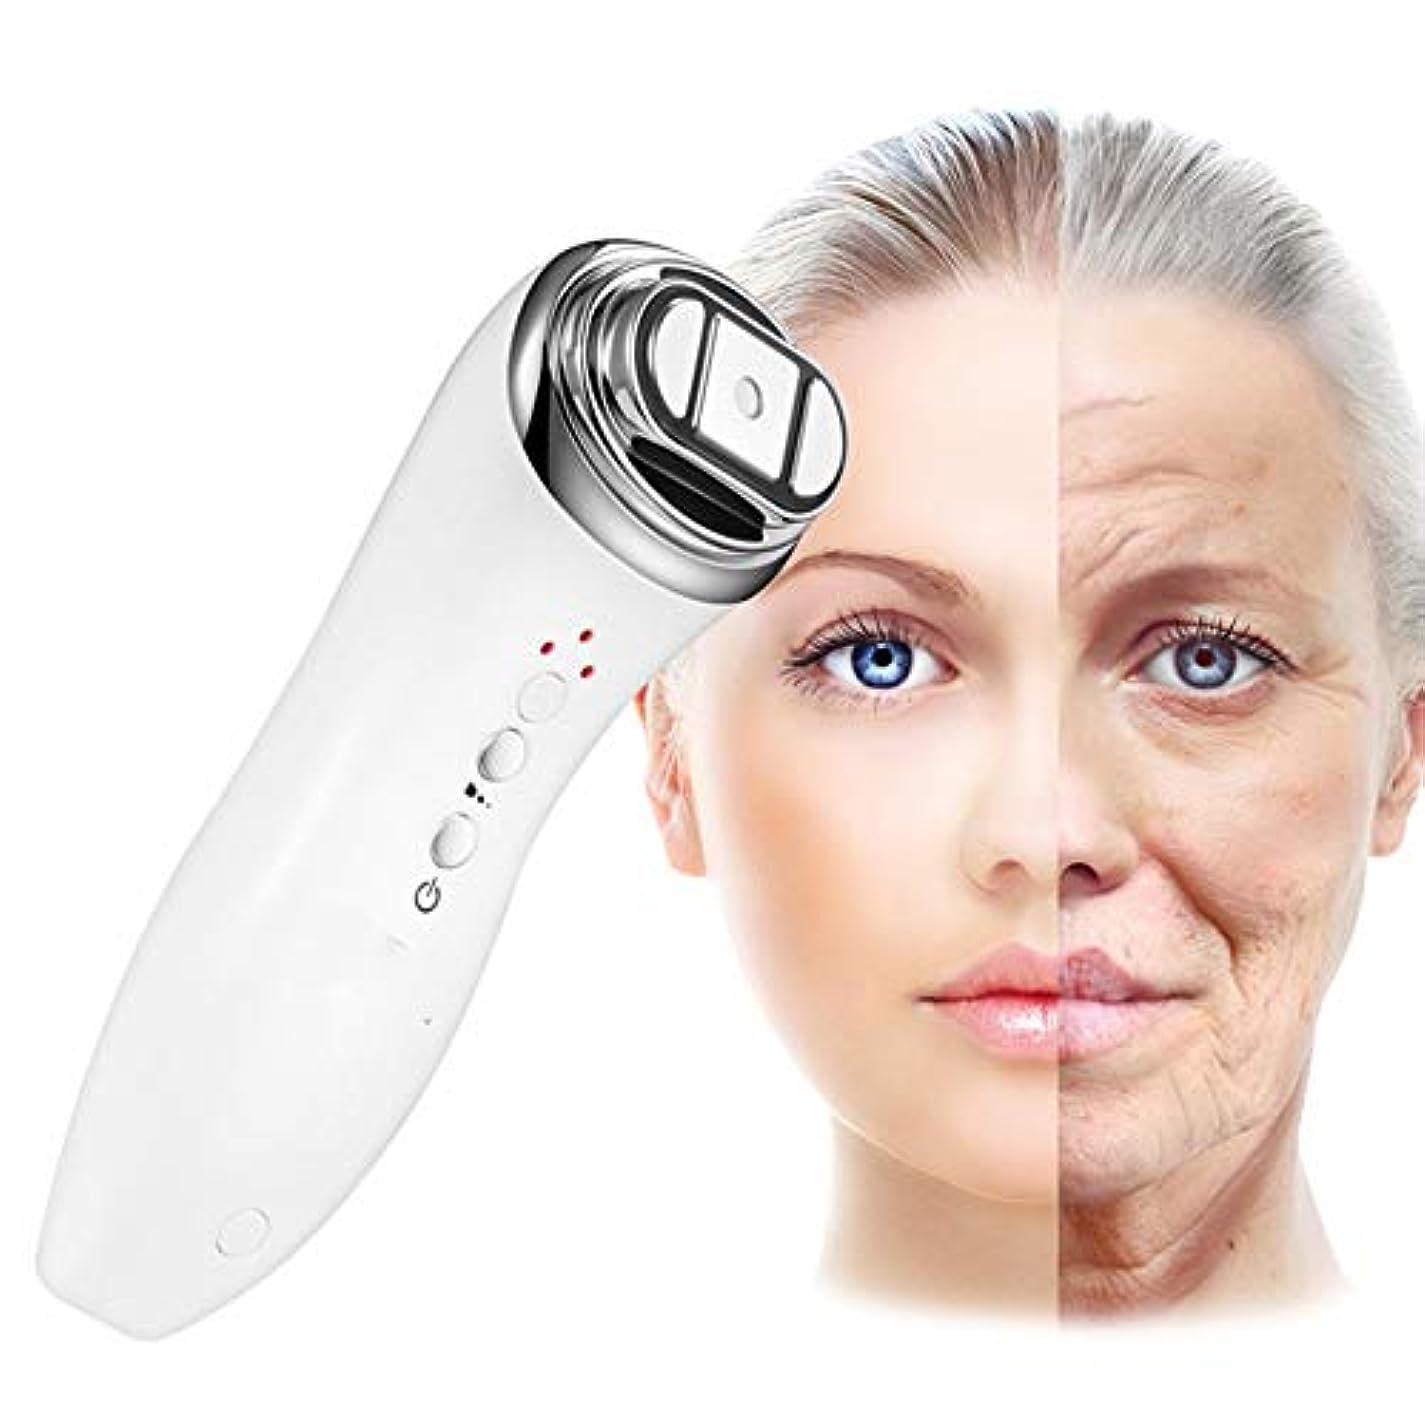 味方真空最近ガルバニックMicrocurrentフェイスリフトマシン - デバイスを引き締める顔の皮膚 - 顔と首のアンチエイジングマッサージツール